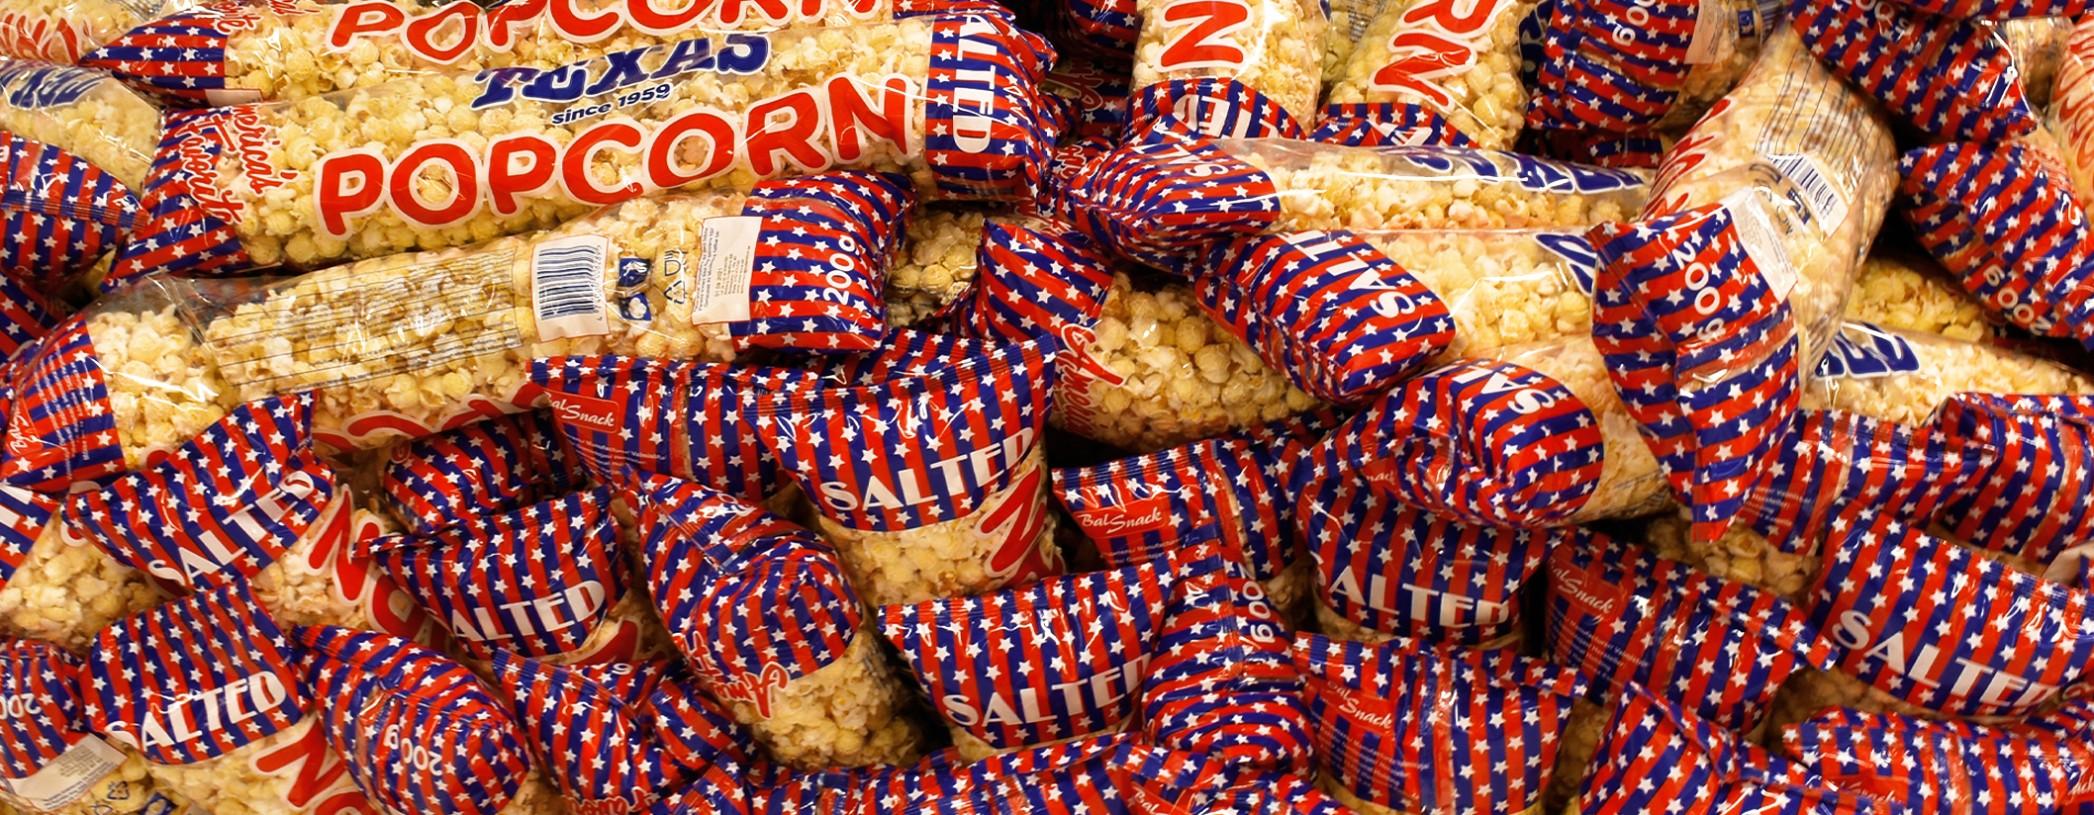 desktop_2116x824_popcorn2.jpg